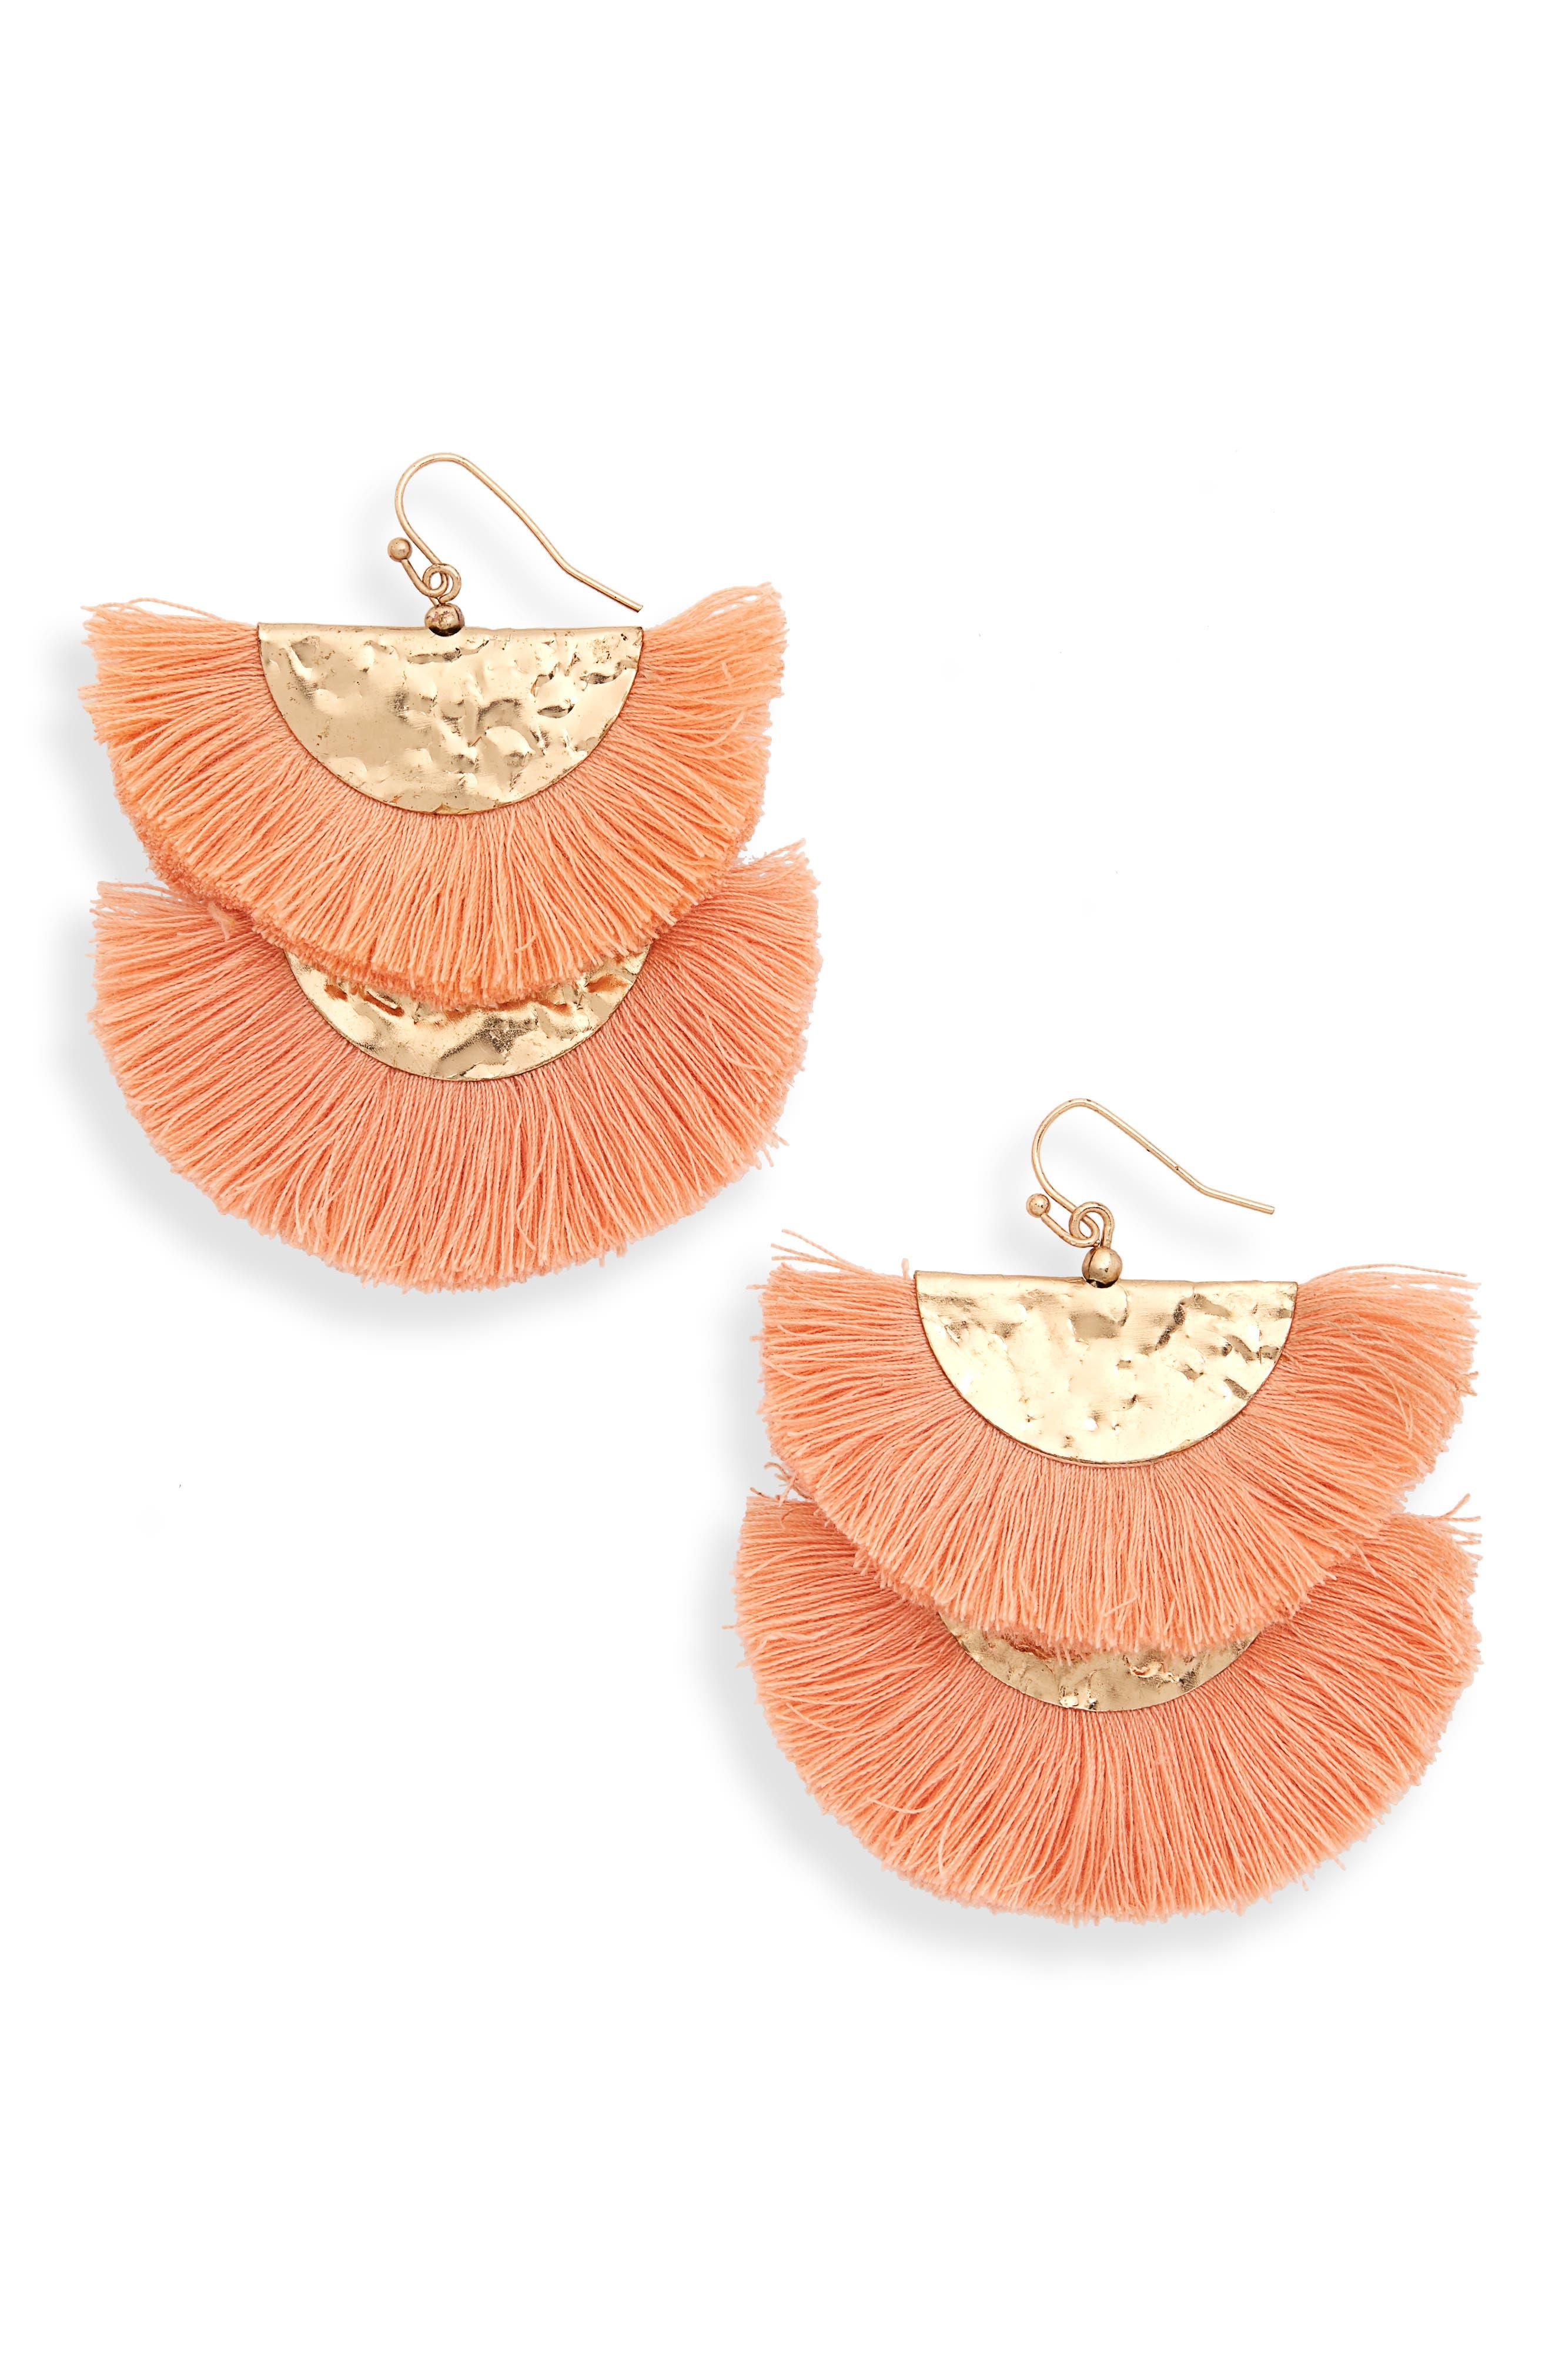 Two Tier Fan Earrings,                             Main thumbnail 1, color,                             Orange/ Gold